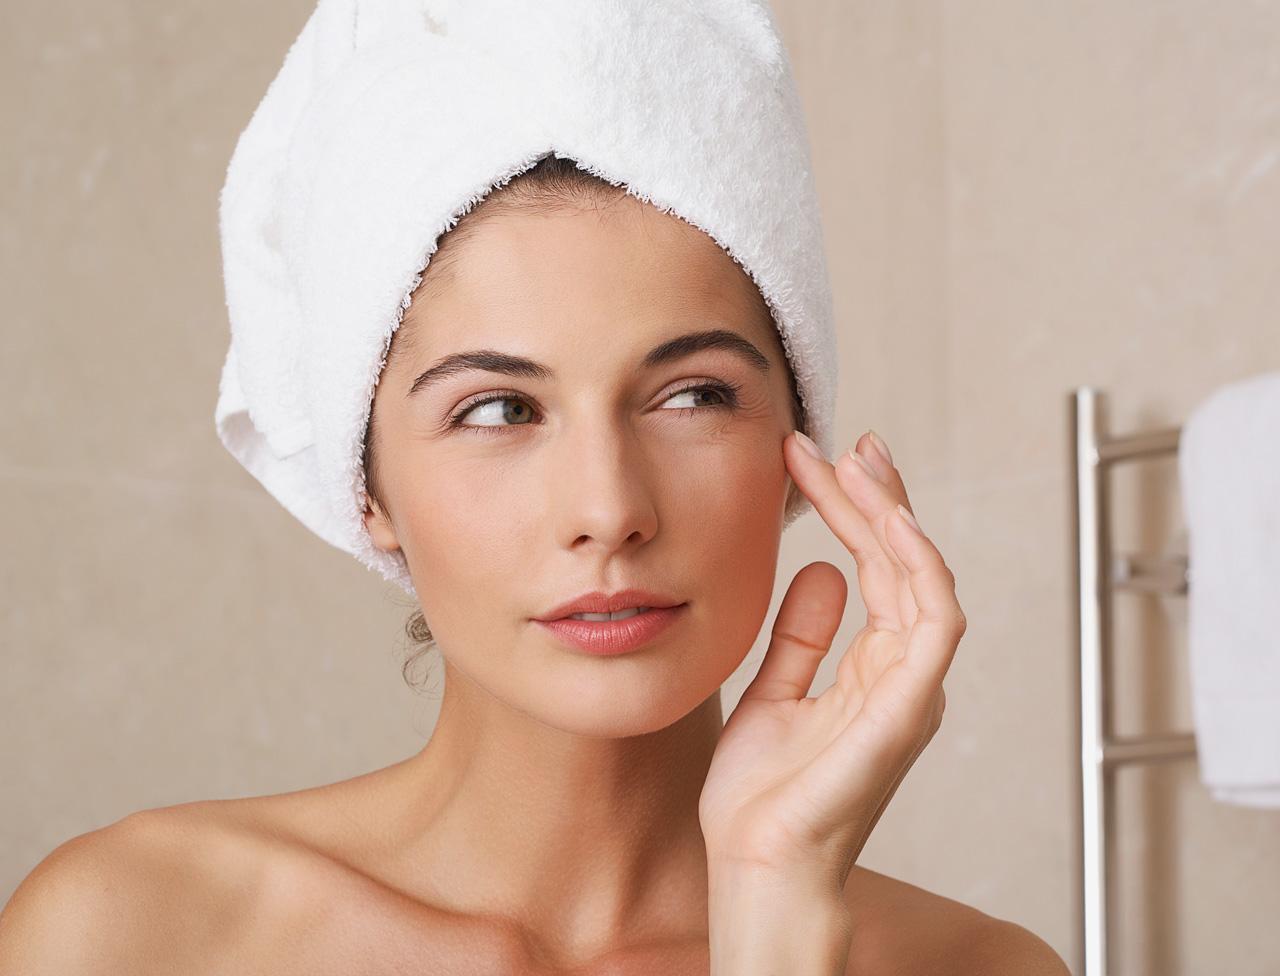 Эффективные омолаживающие маски для лица в домашних условиях